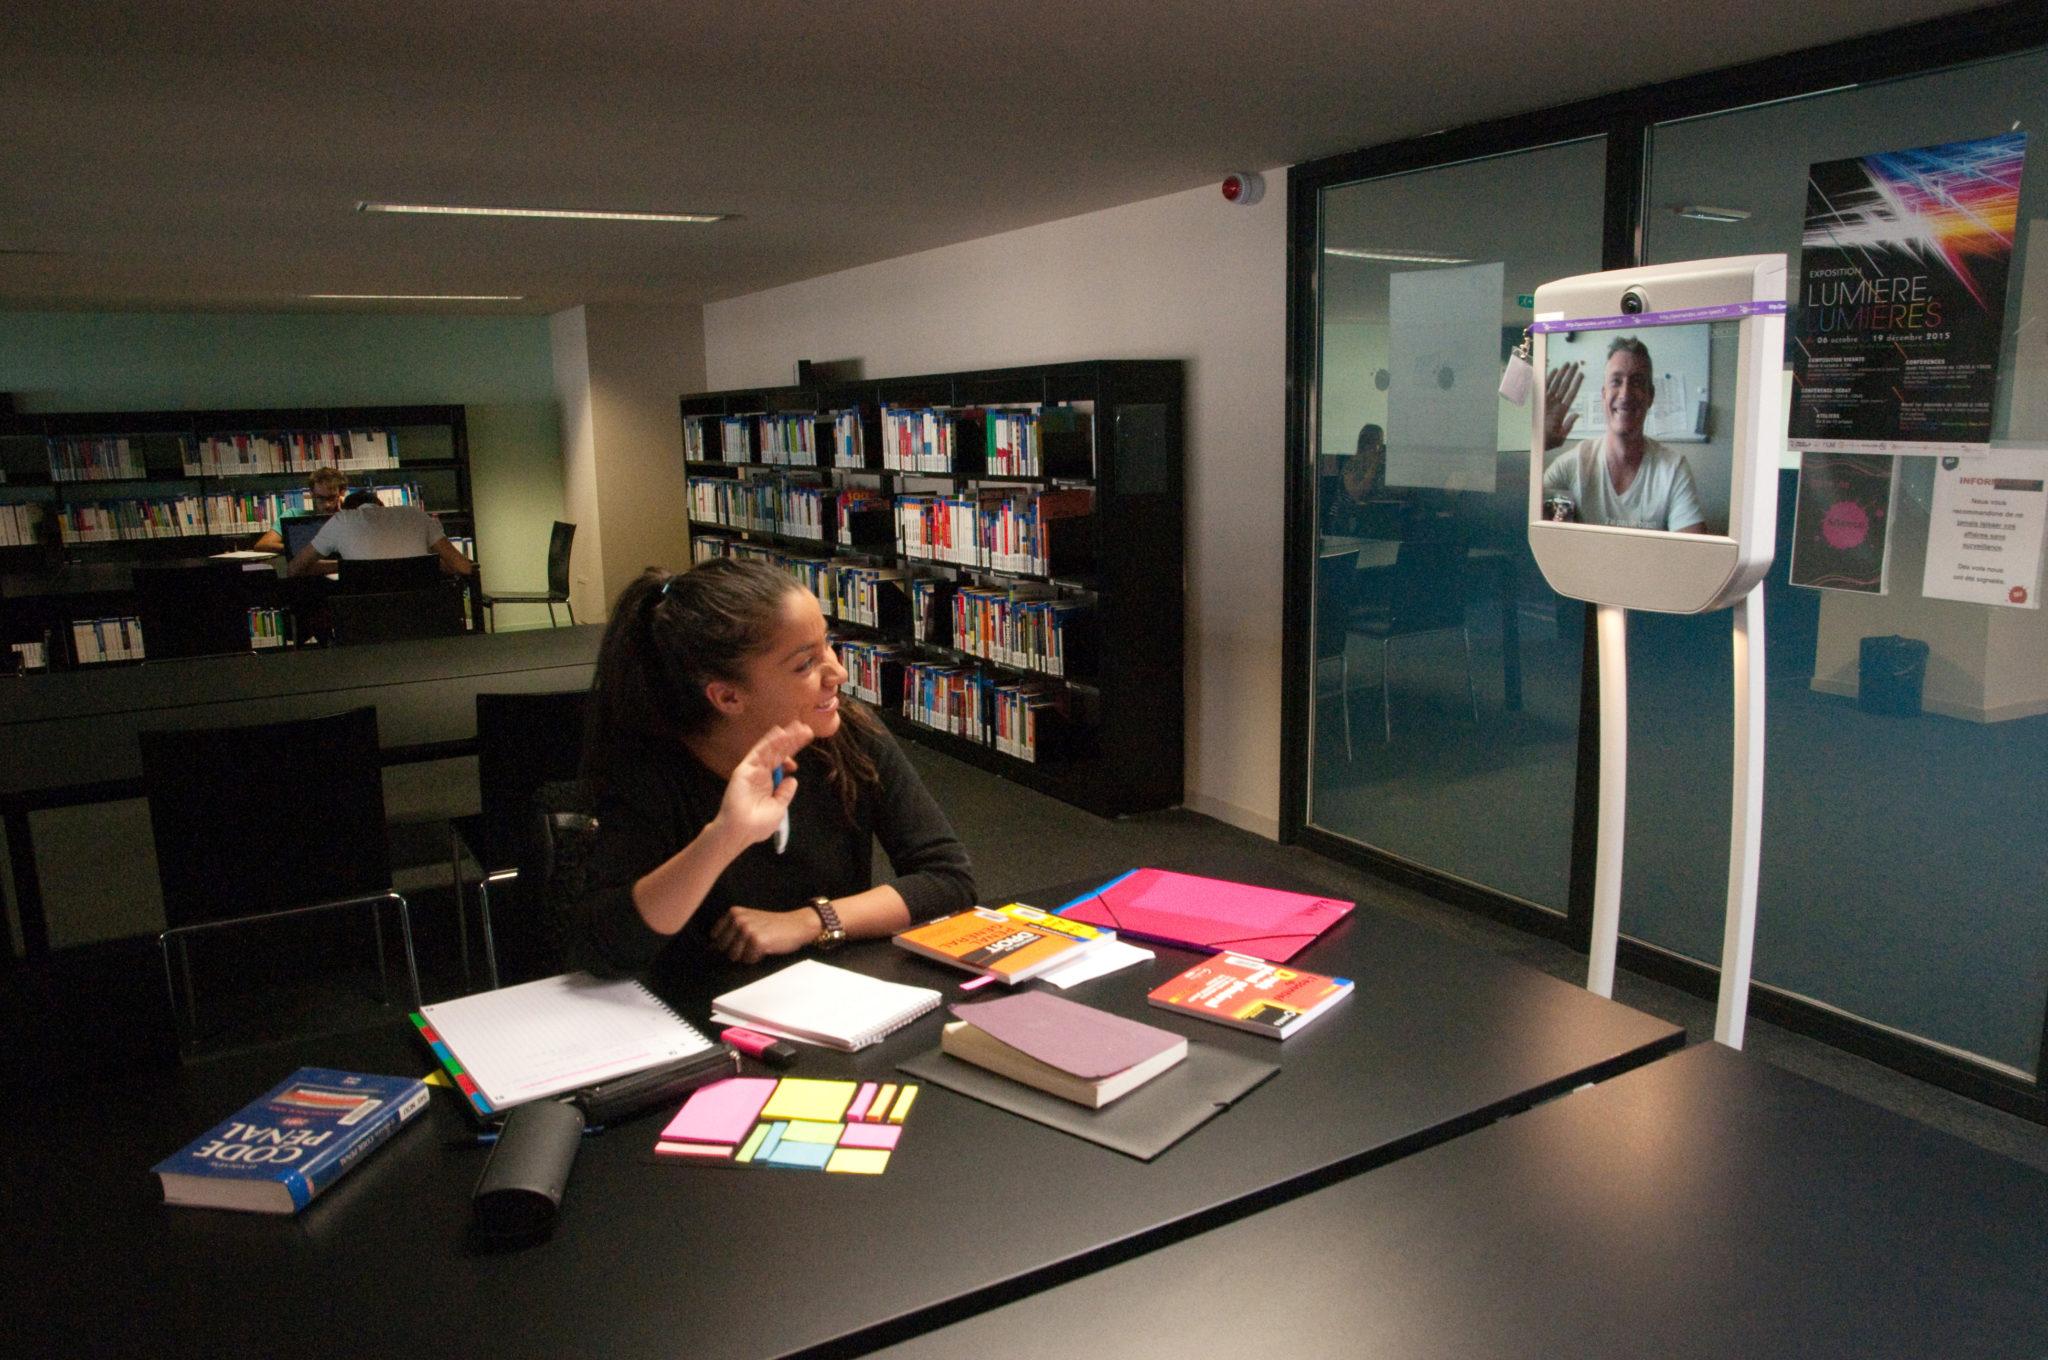 Enseignement à distance : la téléprésence mobile au service de l'innovation pédagogique